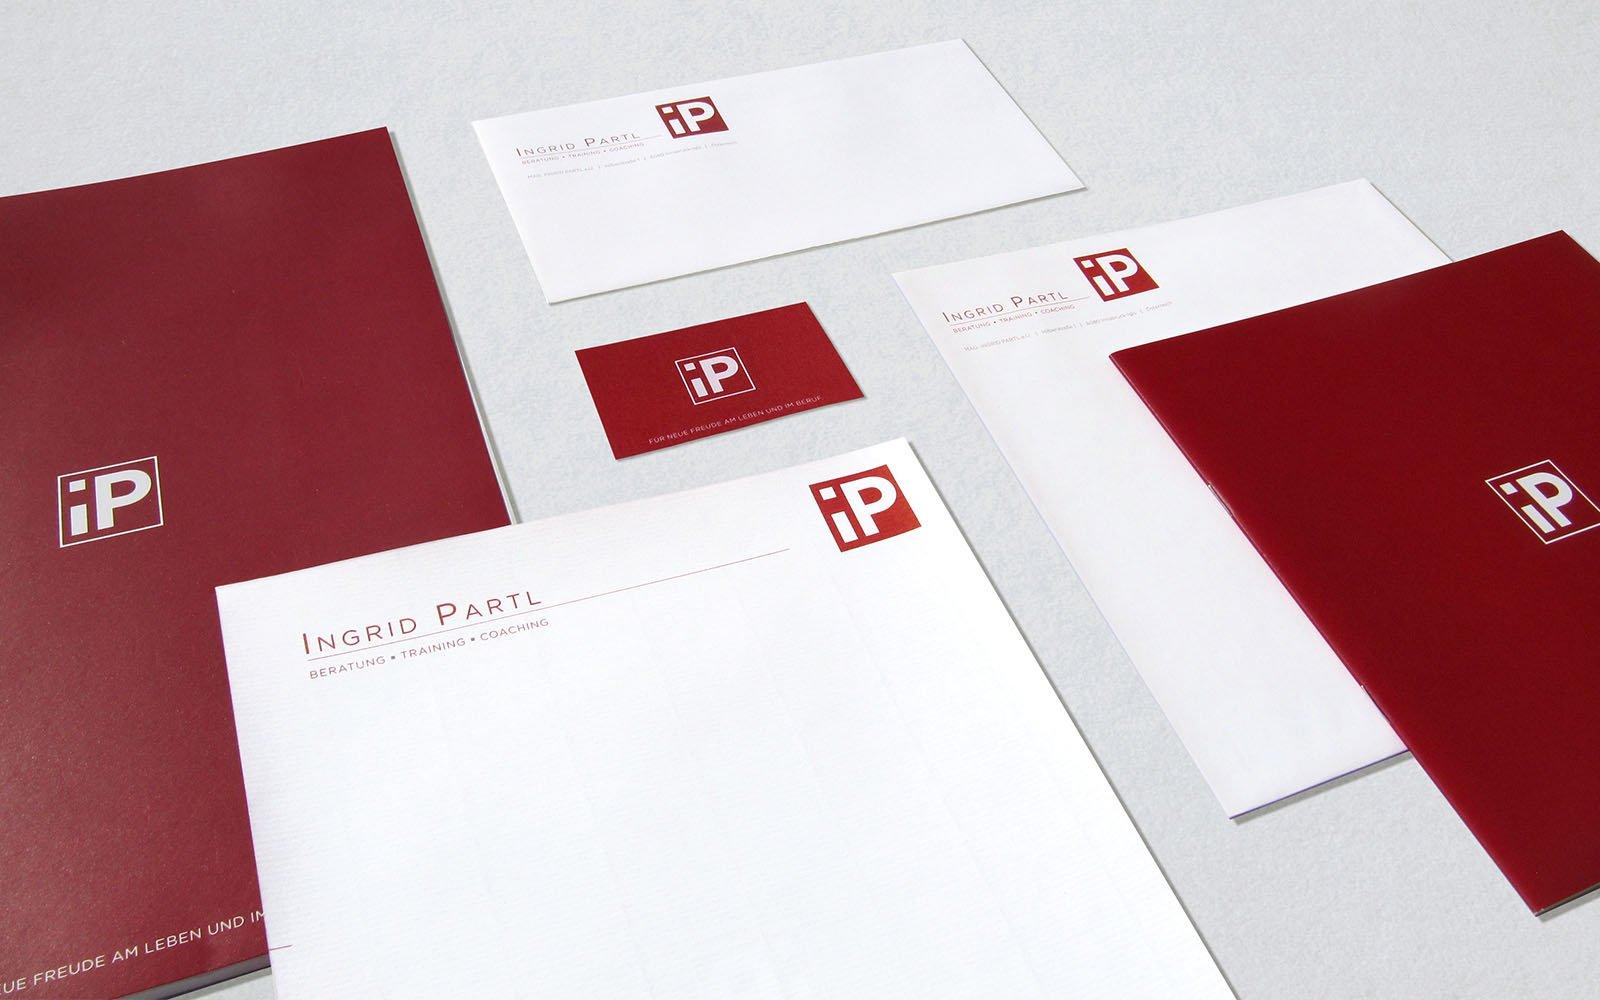 Ingrid Partl branding